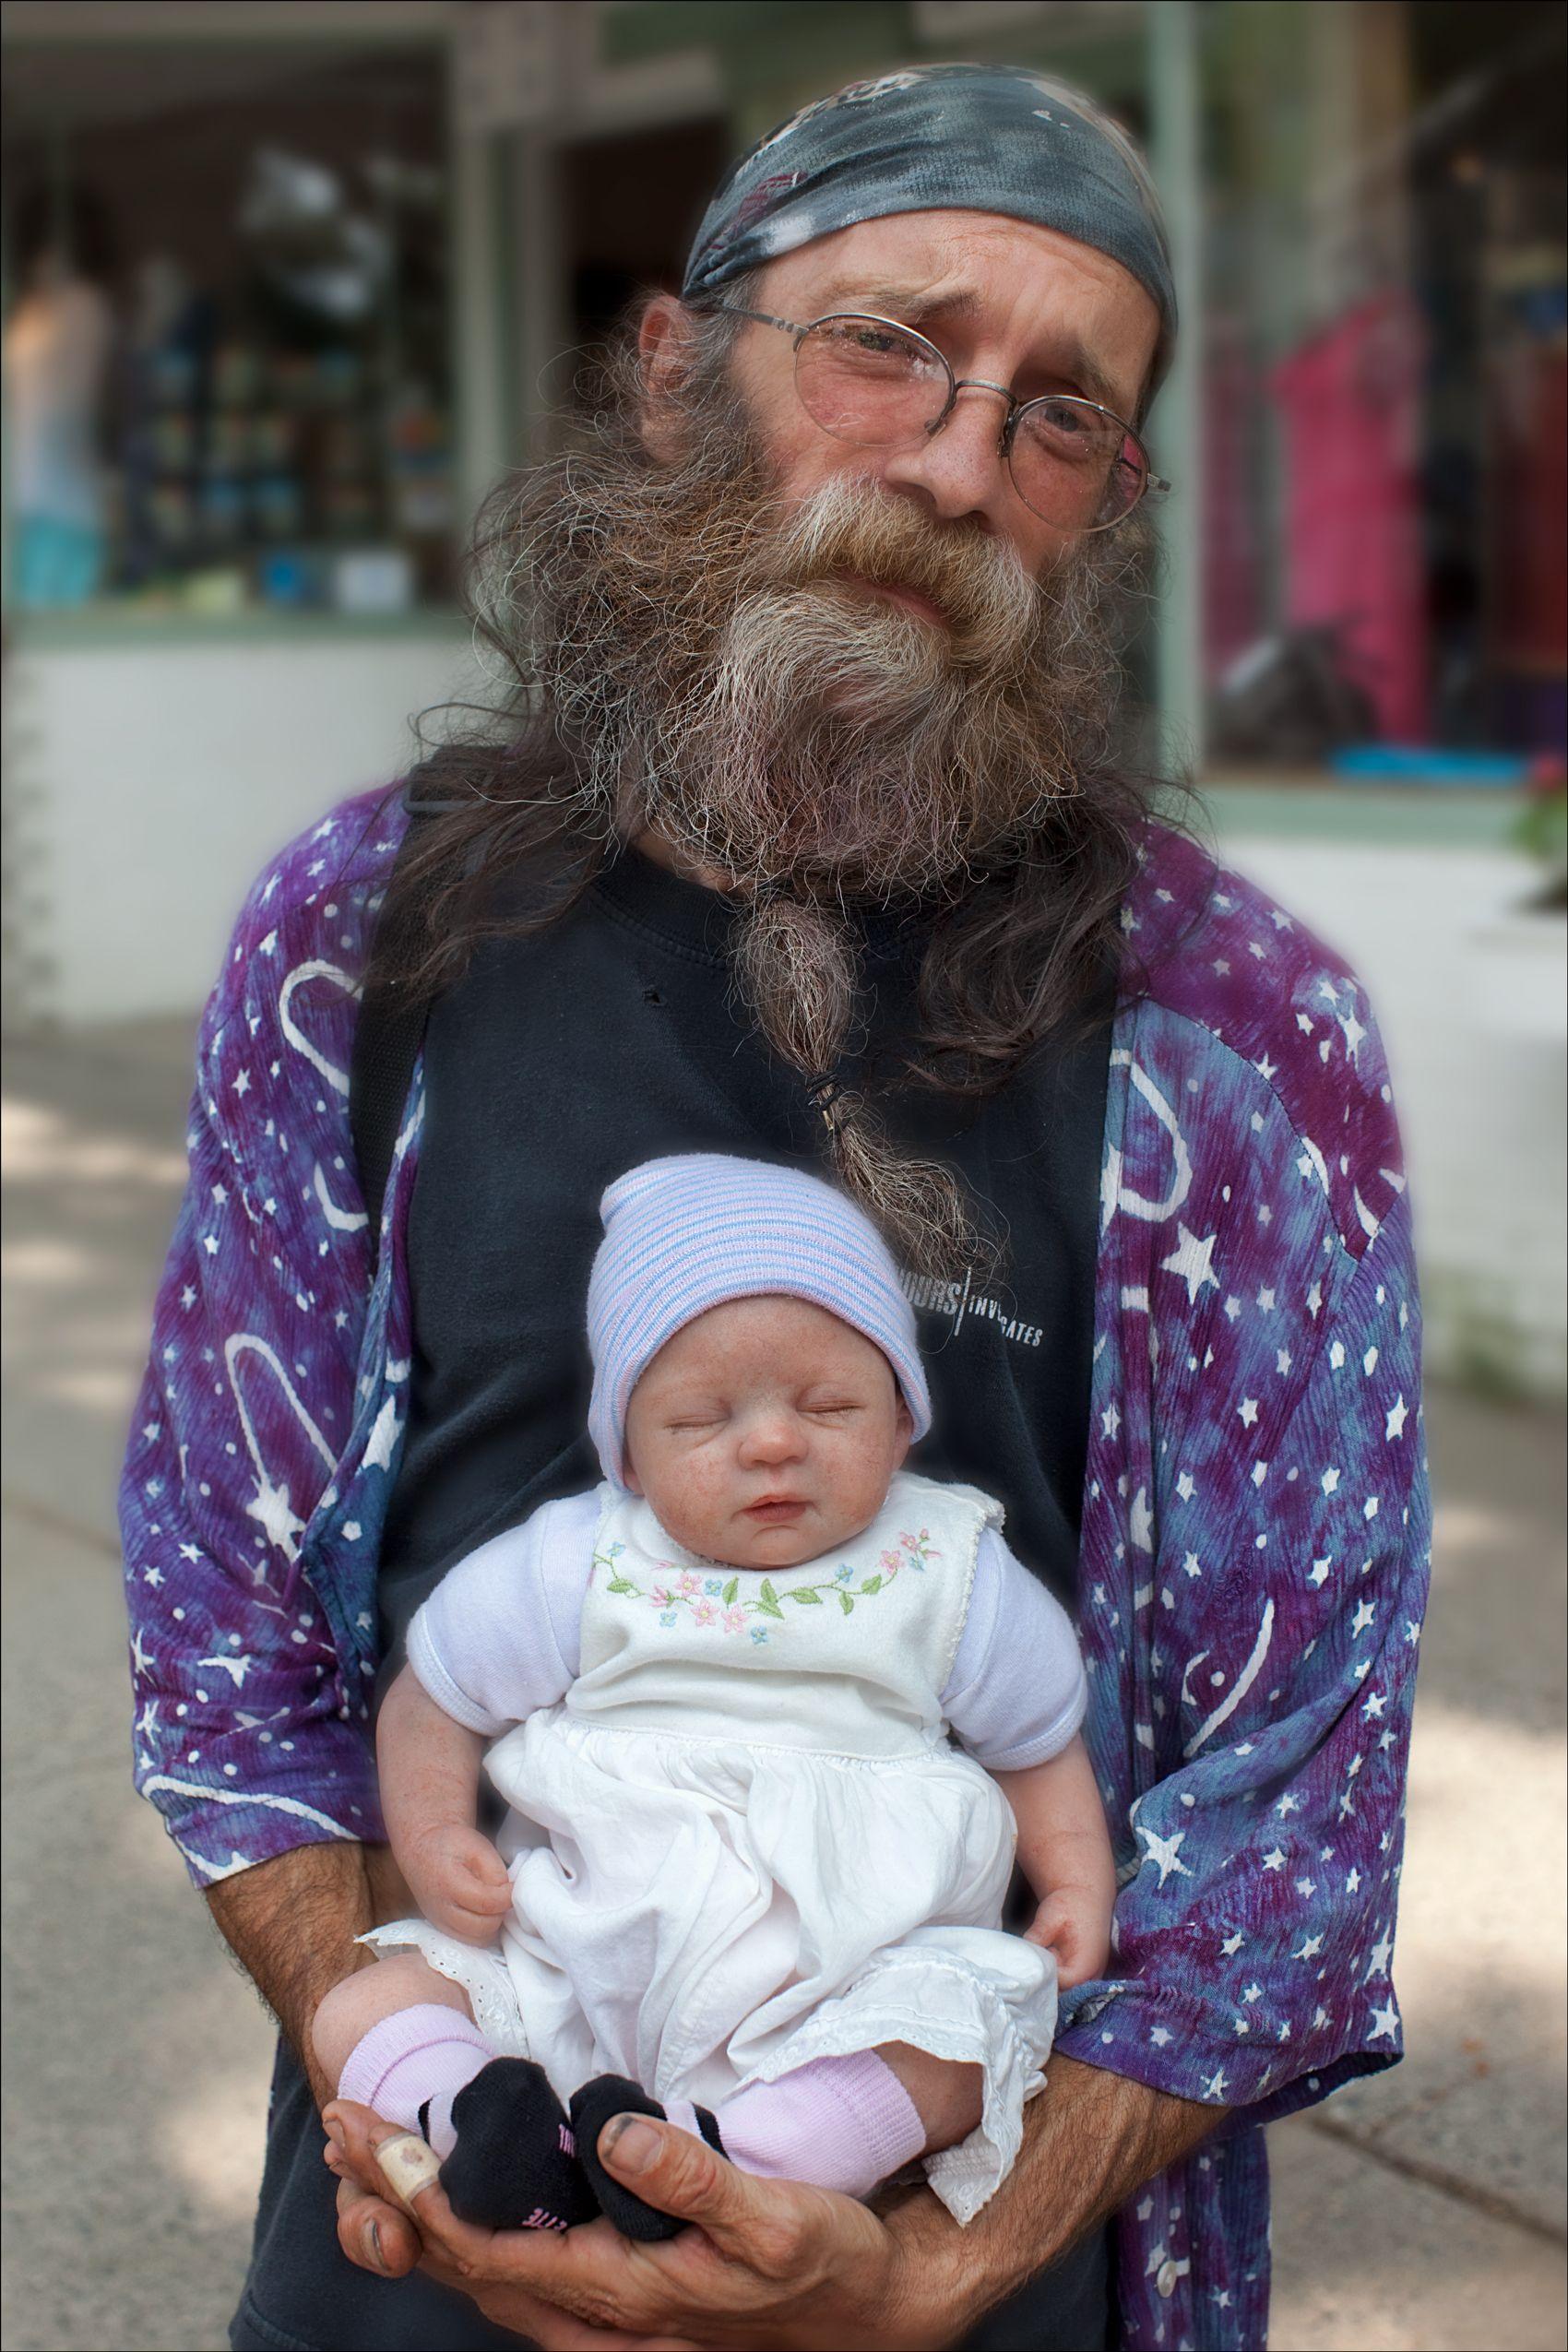 Woodstock Hippie and Twee